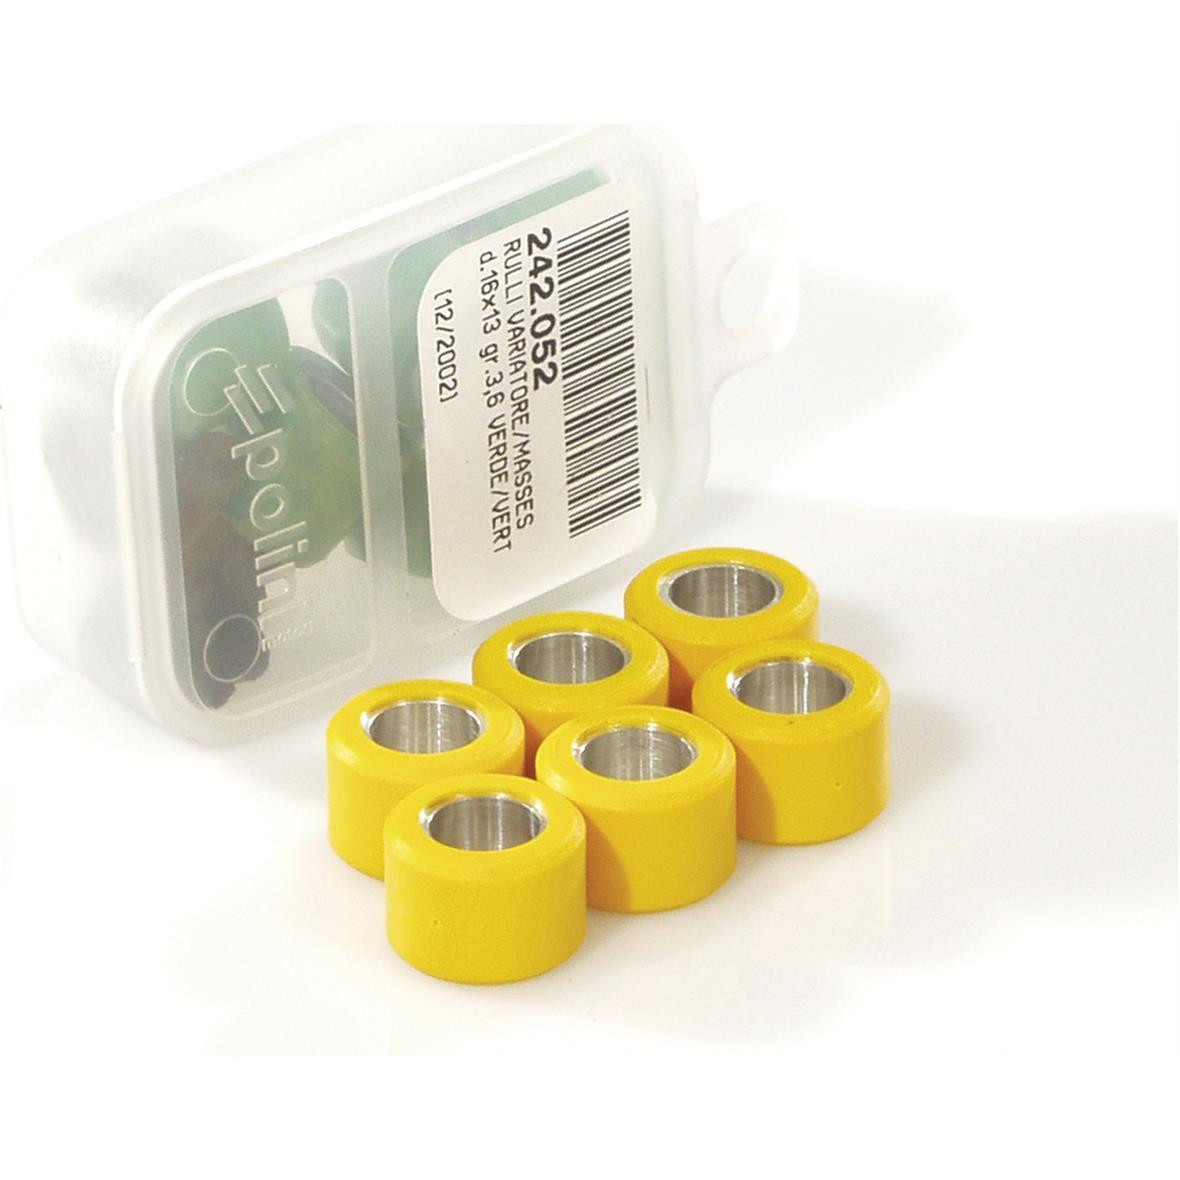 Obrázek výrobku pro 'Válečky variátoru POLINI 15x12 mm 4,1 gramTitle'